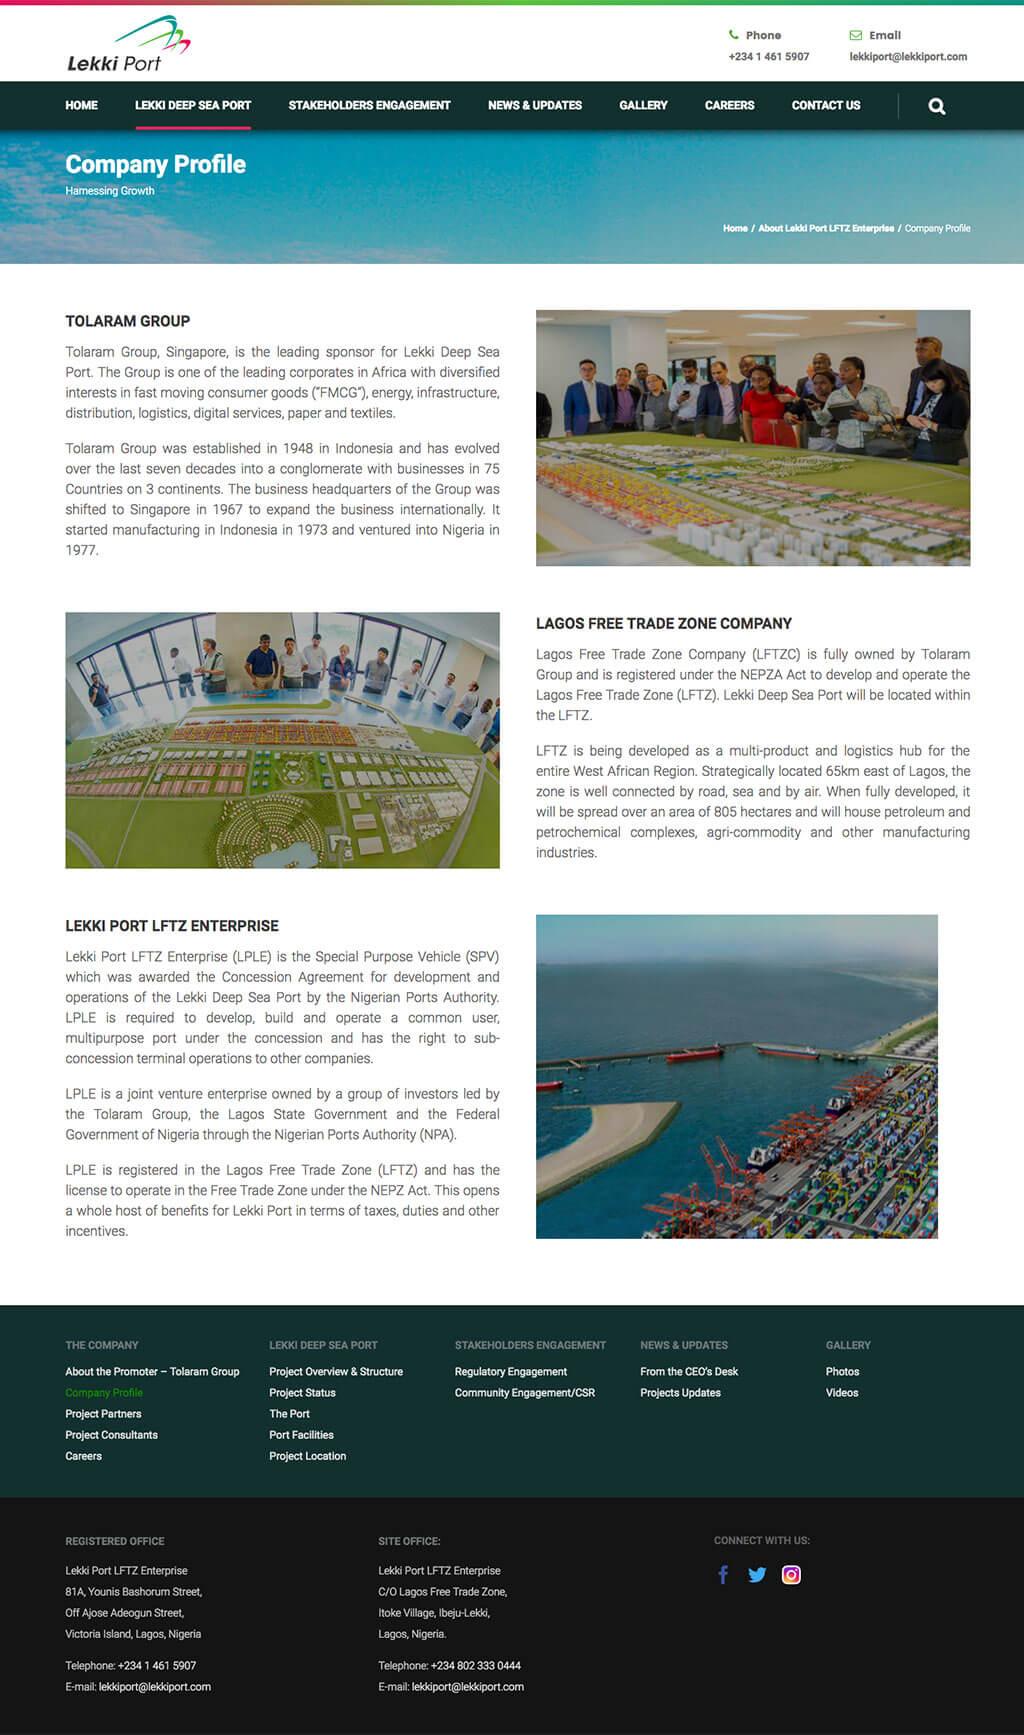 Lekki-port-website-design-project-page-2